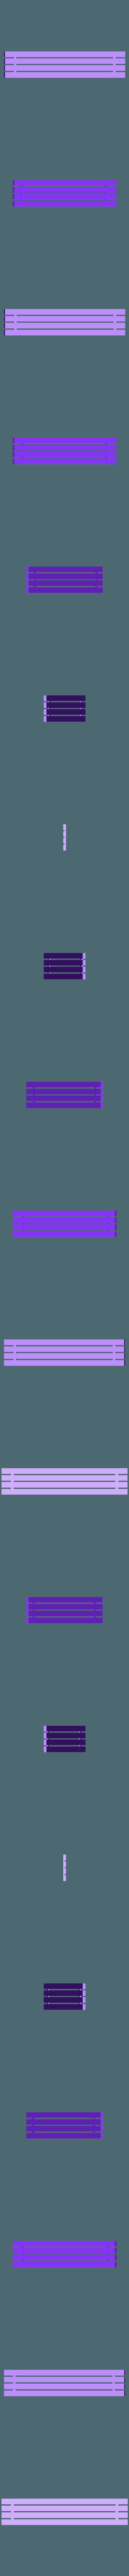 GWBench-H0.stl Télécharger fichier STL gratuit Fille qui attend le train • Plan imprimable en 3D, polkin